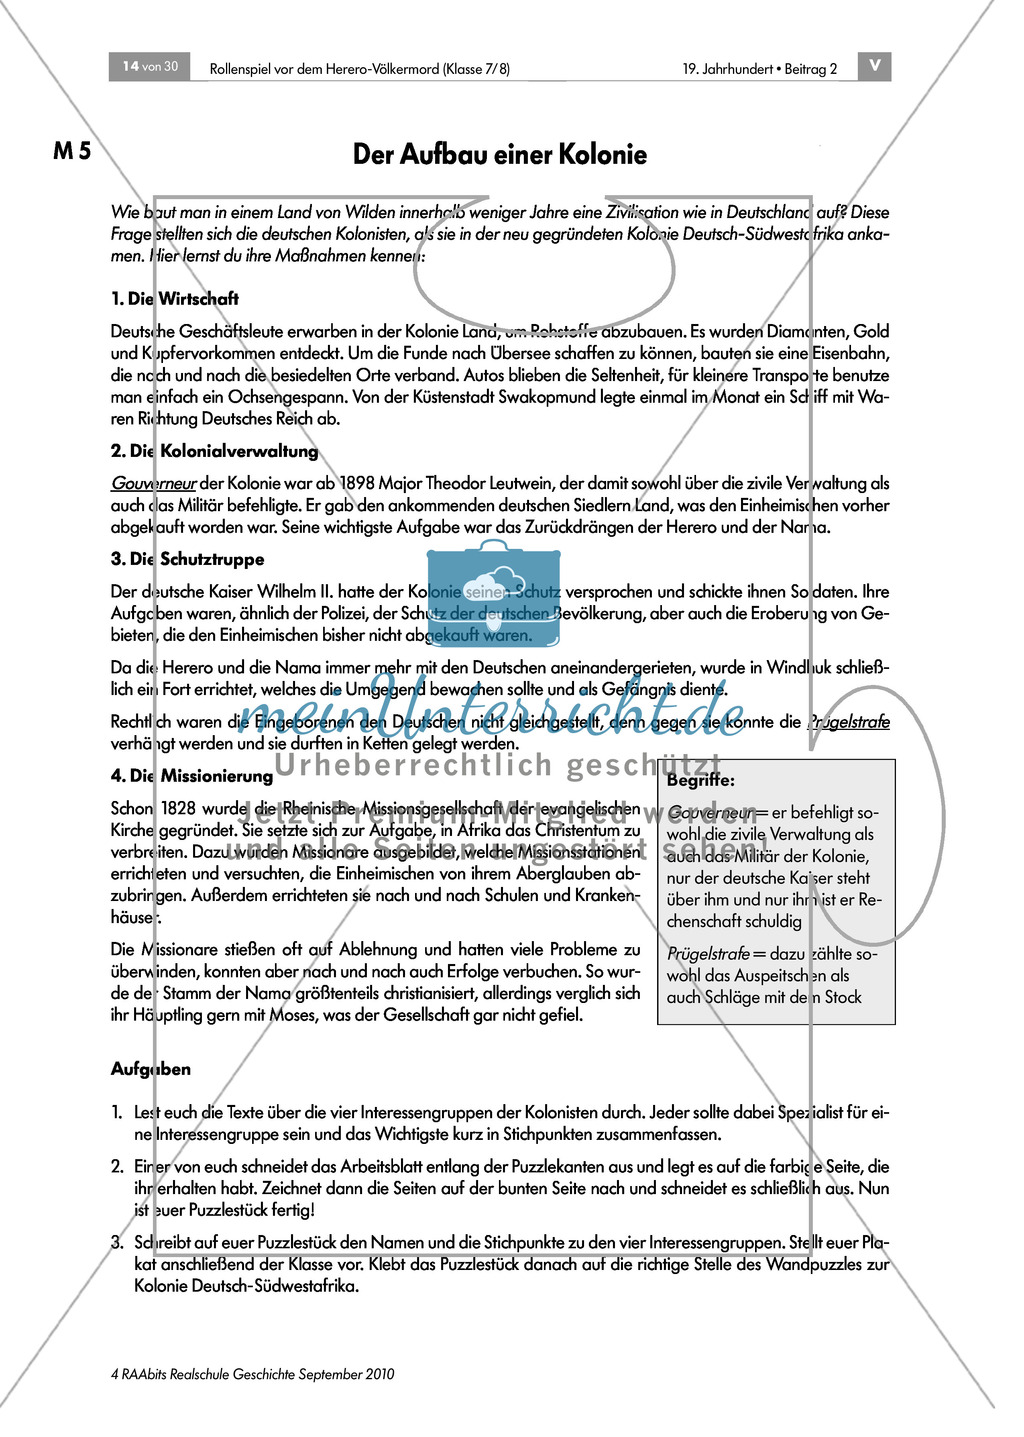 Deutsche Kolonialherren und afrikanische Ureinwohner: Die Geschichte der Kolonie Deutsch-Südwestafrika in Gruppen erarbeiten und als Puzzle zusammensetzen und präsentieren Preview 4